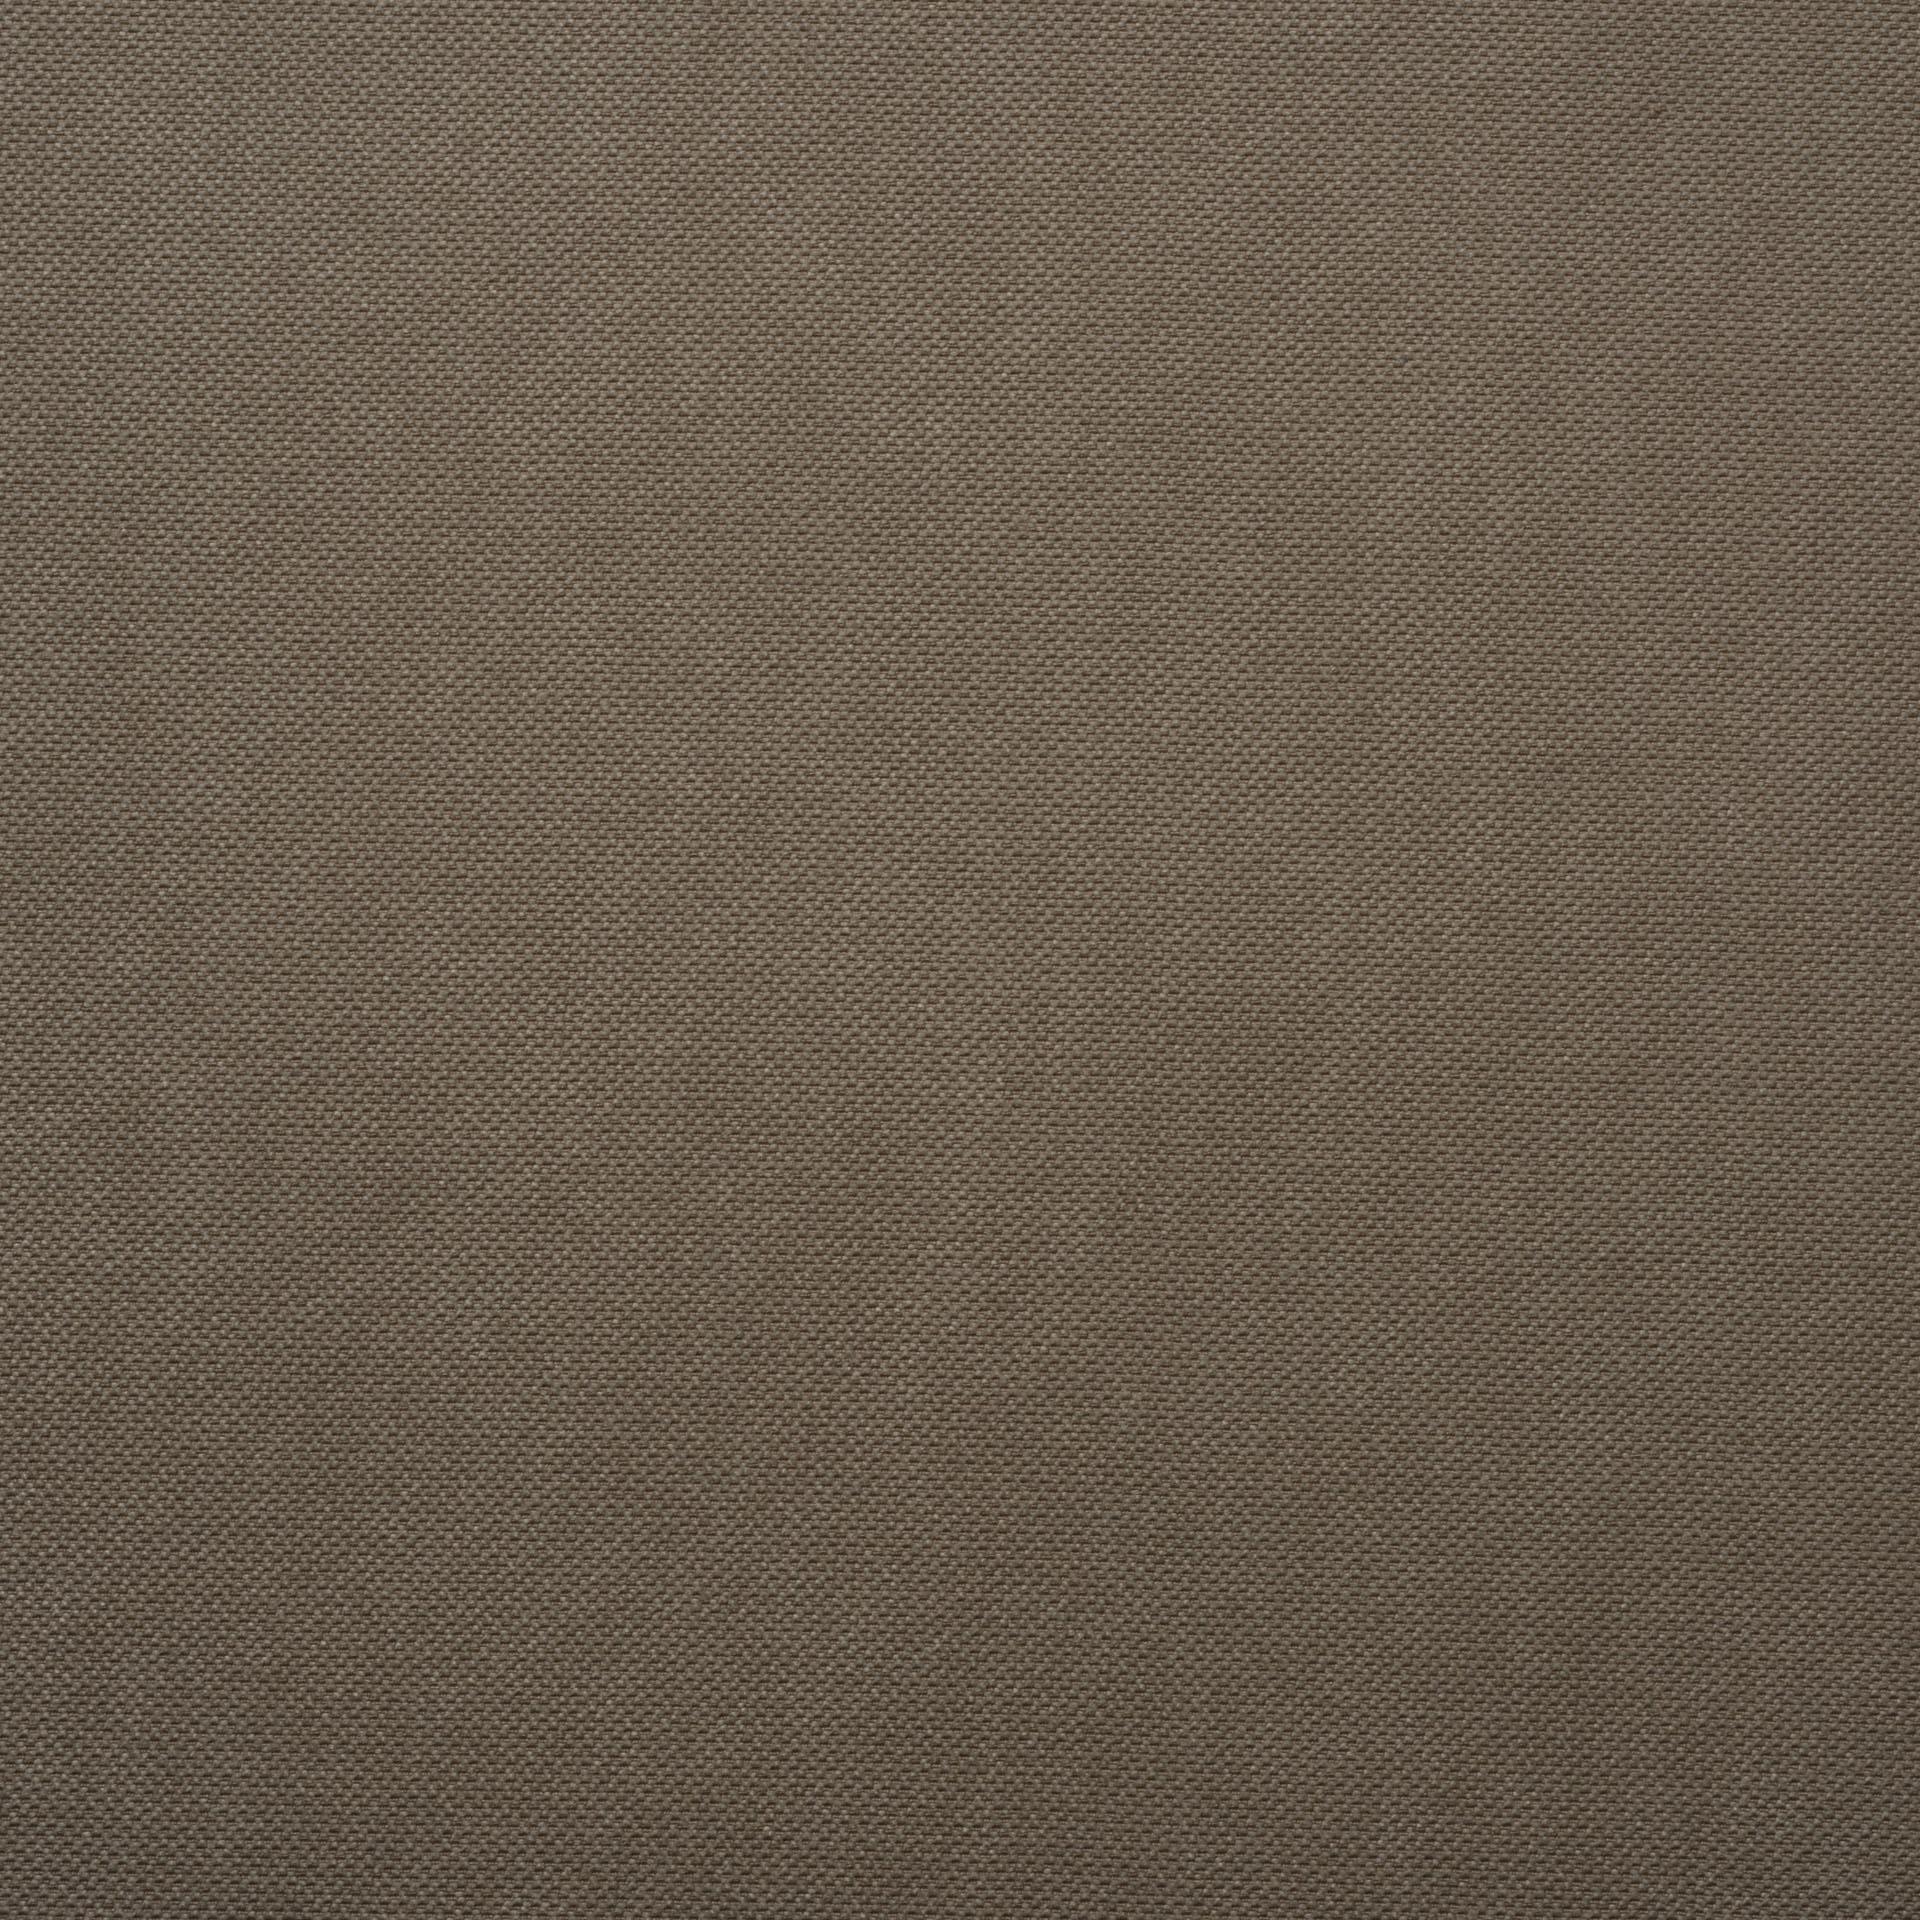 Коллекция ткани Стэнли 02 SOFT COFFEE,  купить ткань Жаккард для мебели Украина